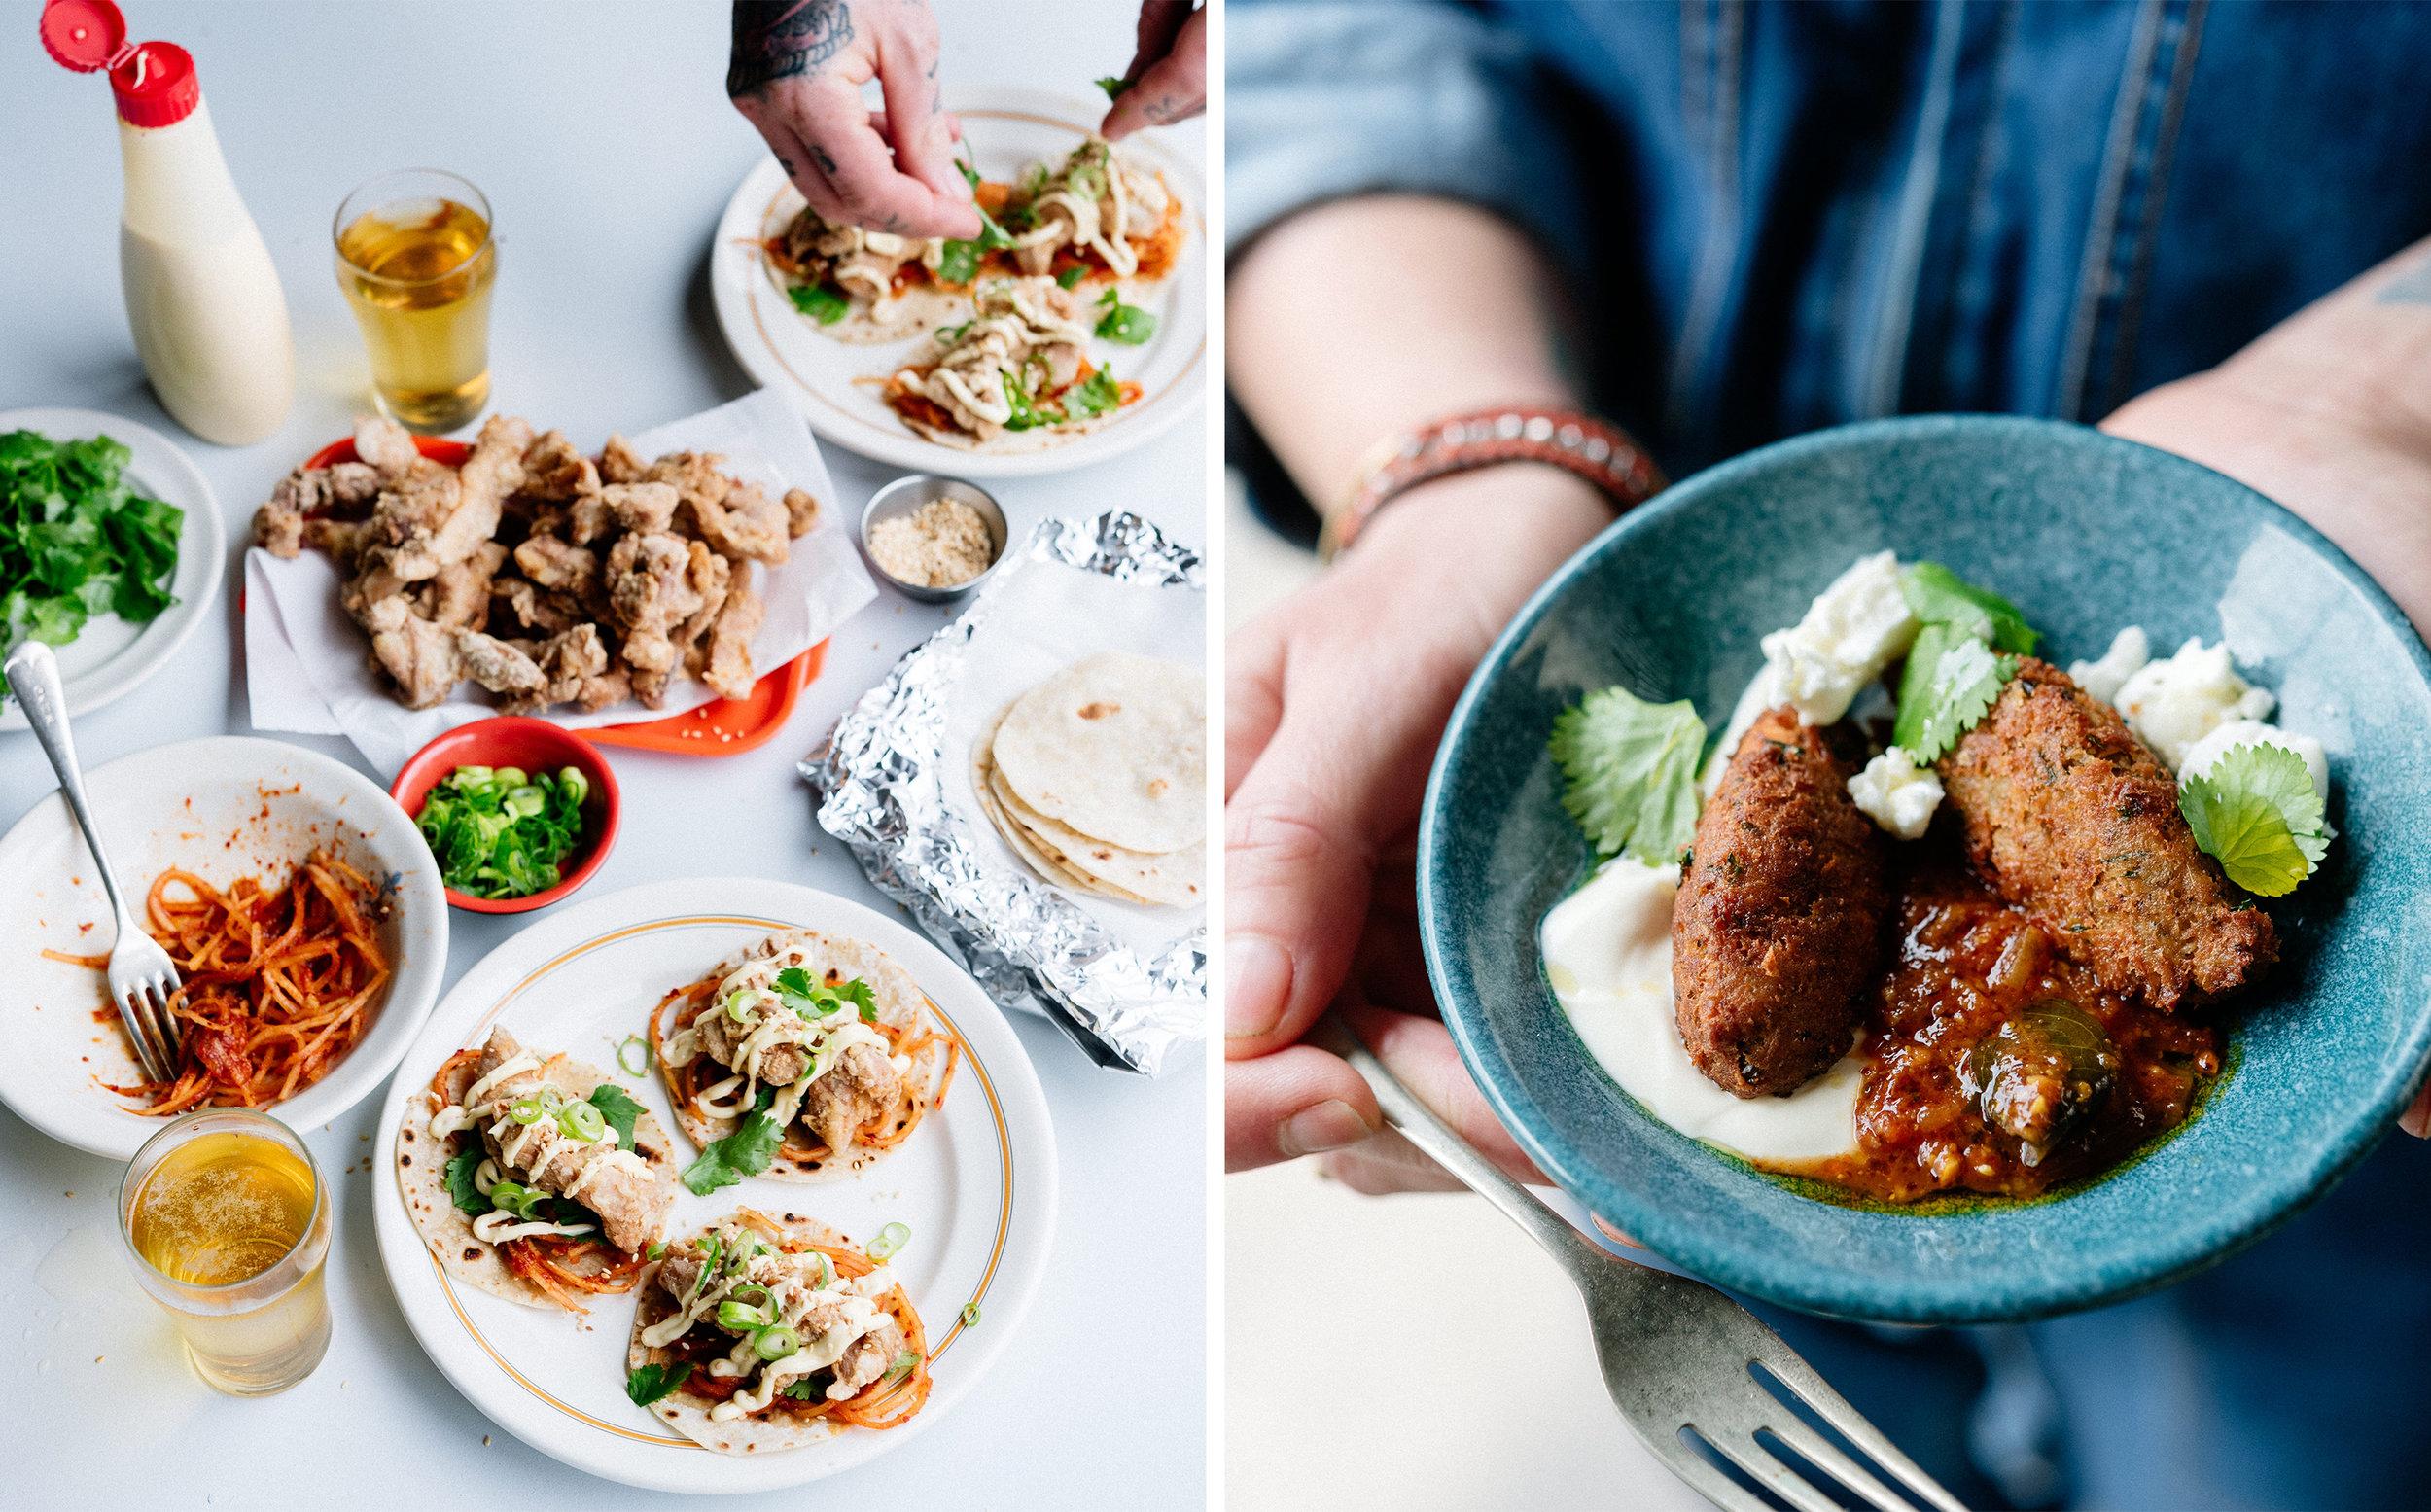 Al-Brown-Eat-Up-NZ-Cookbook-Josh-Griggs-Photographer-Splits-39.jpg